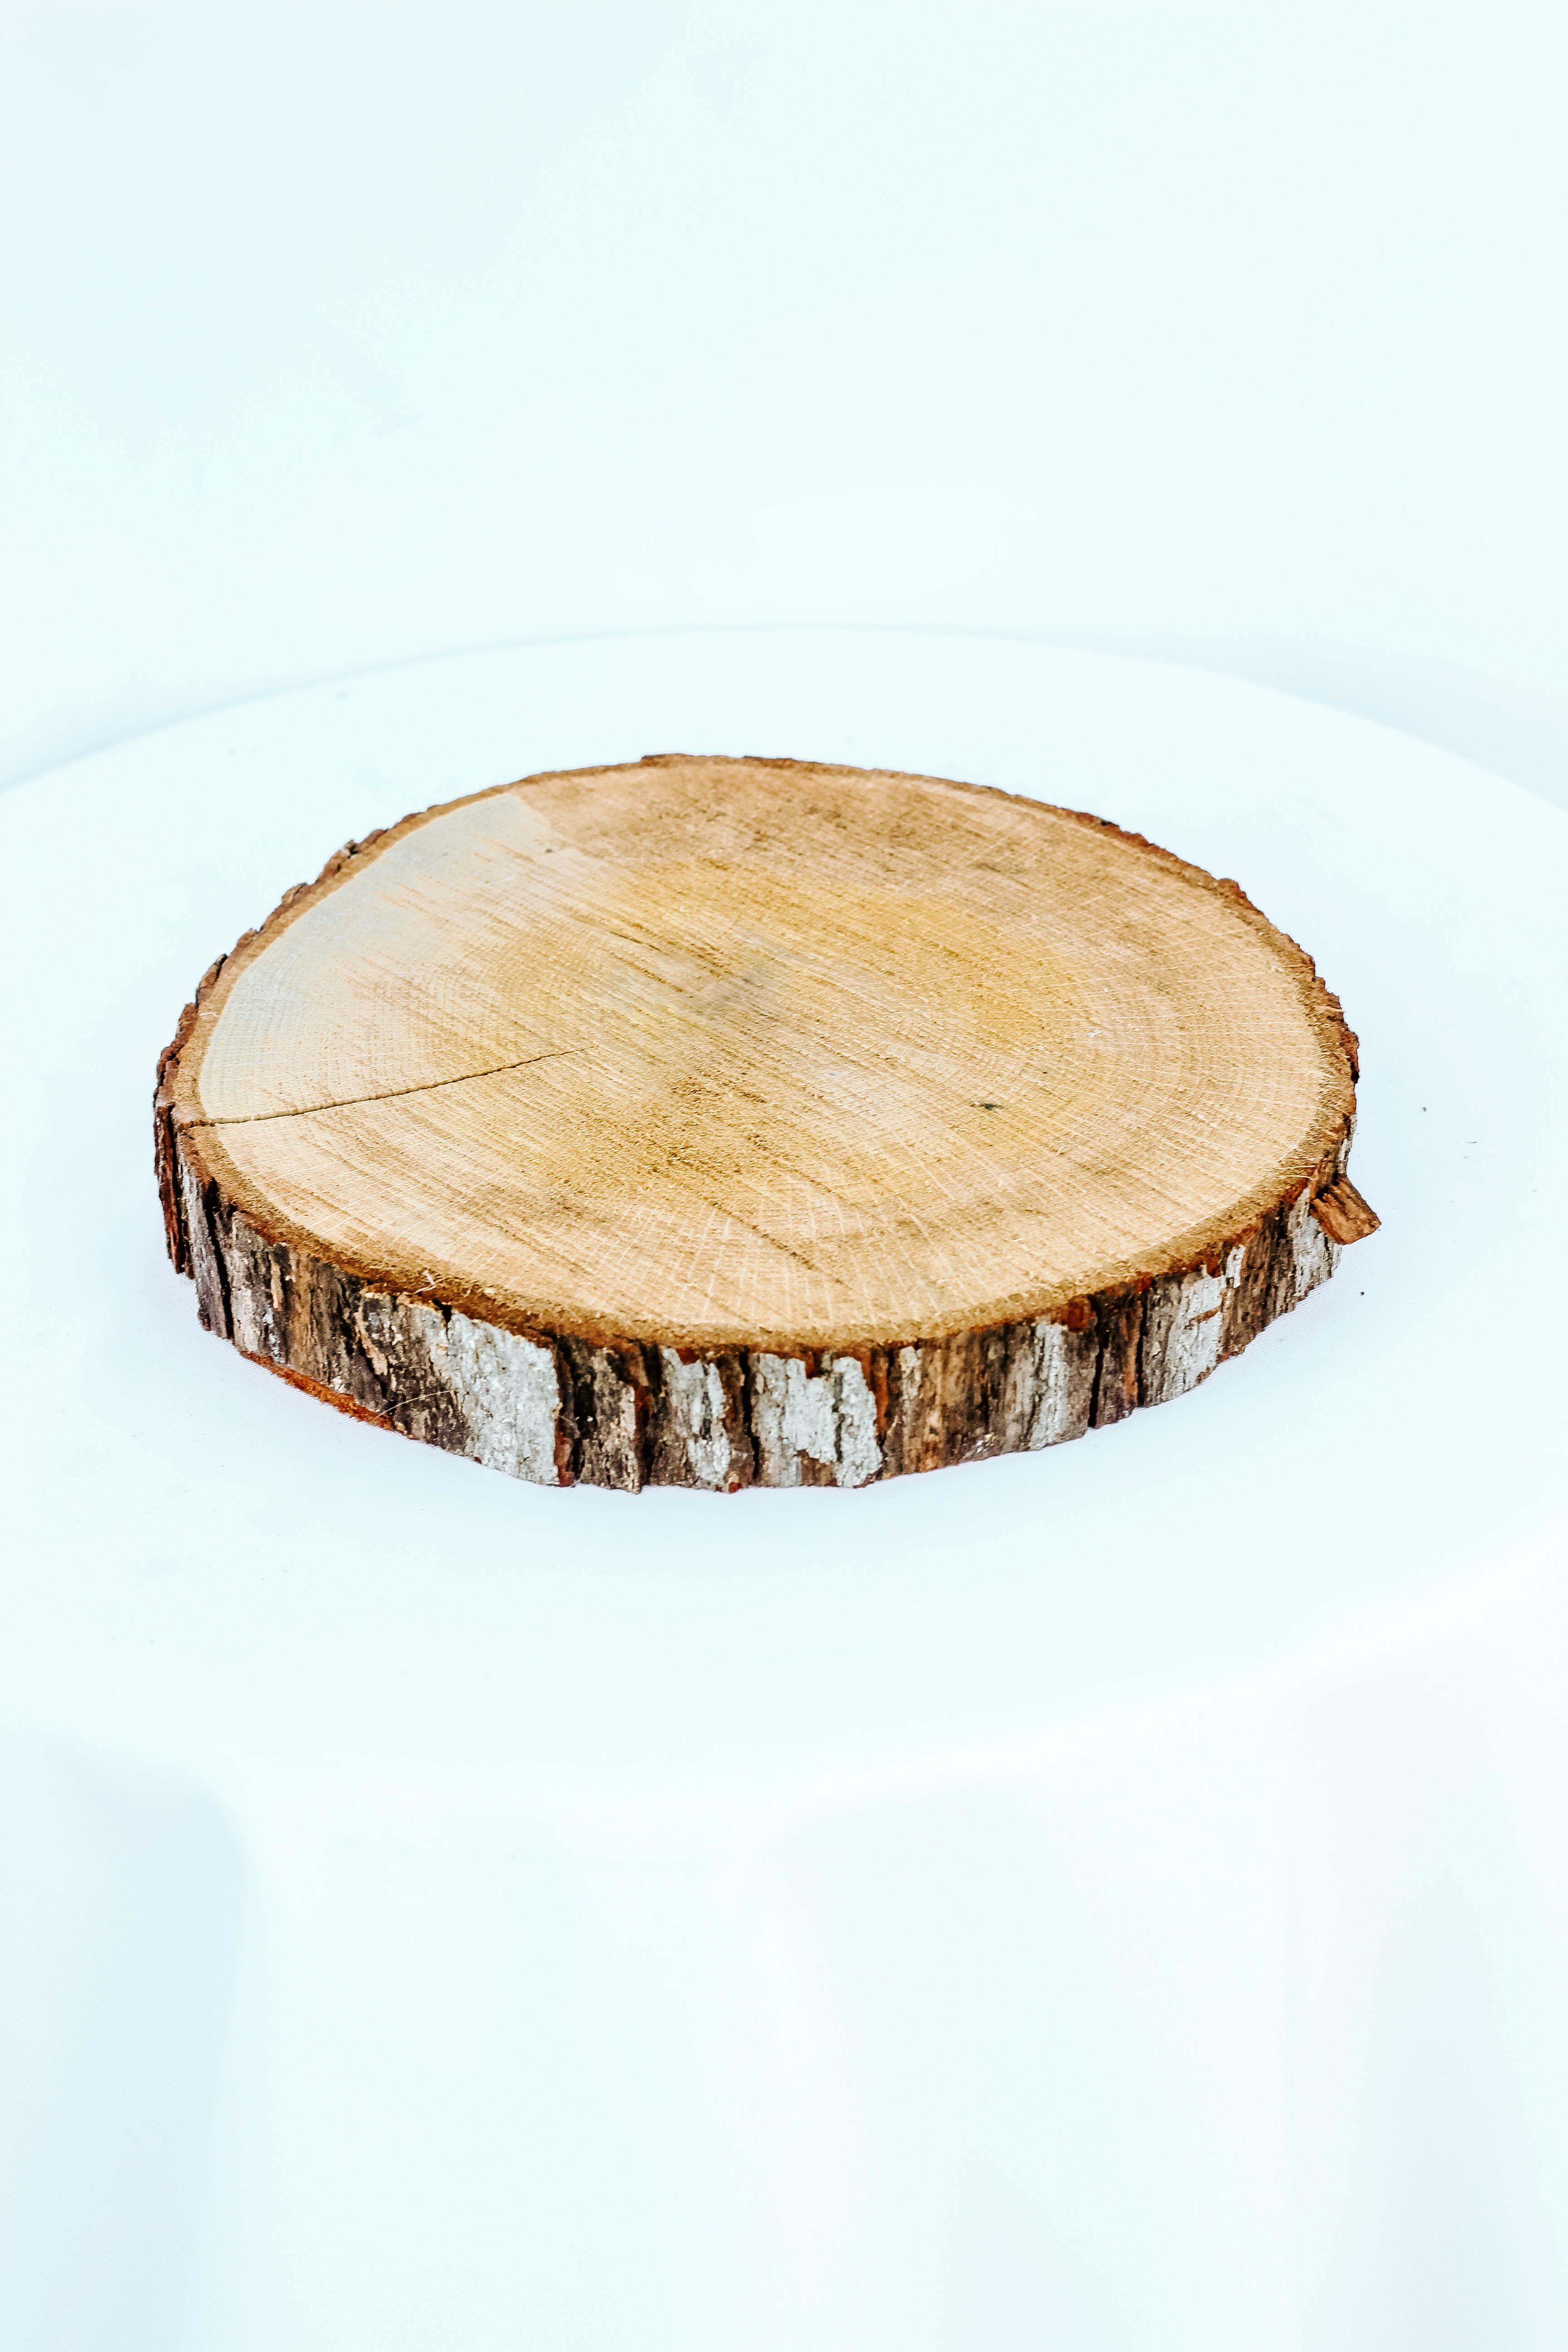 Medium Wood Plank